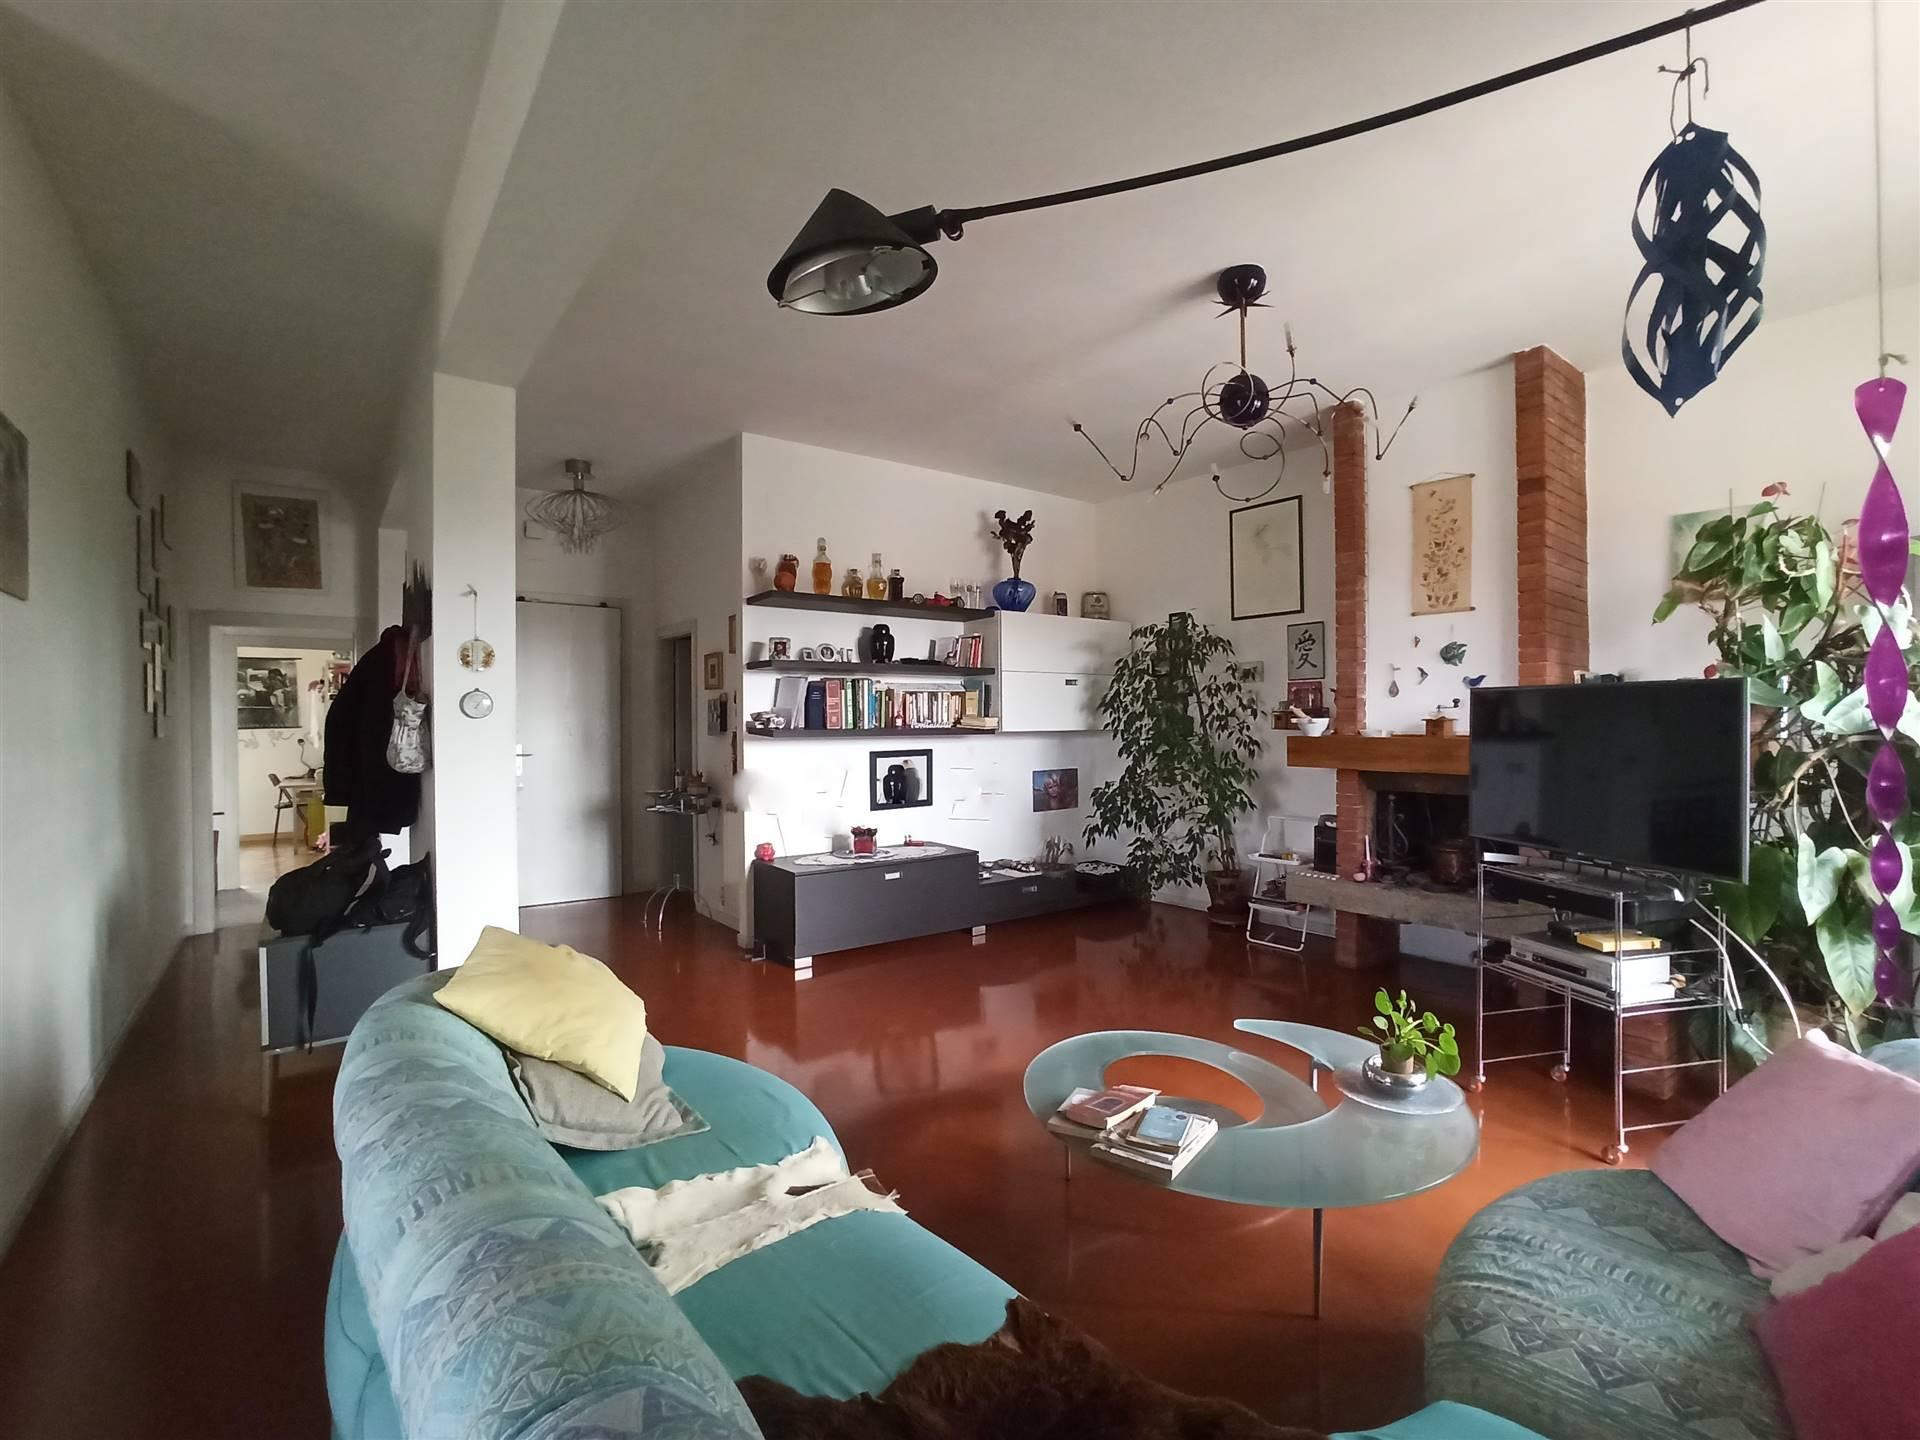 Appartamento in vendita a Campi Bisenzio, 4 locali, zona Località: ALDO MORO, prezzo € 265.000 | PortaleAgenzieImmobiliari.it